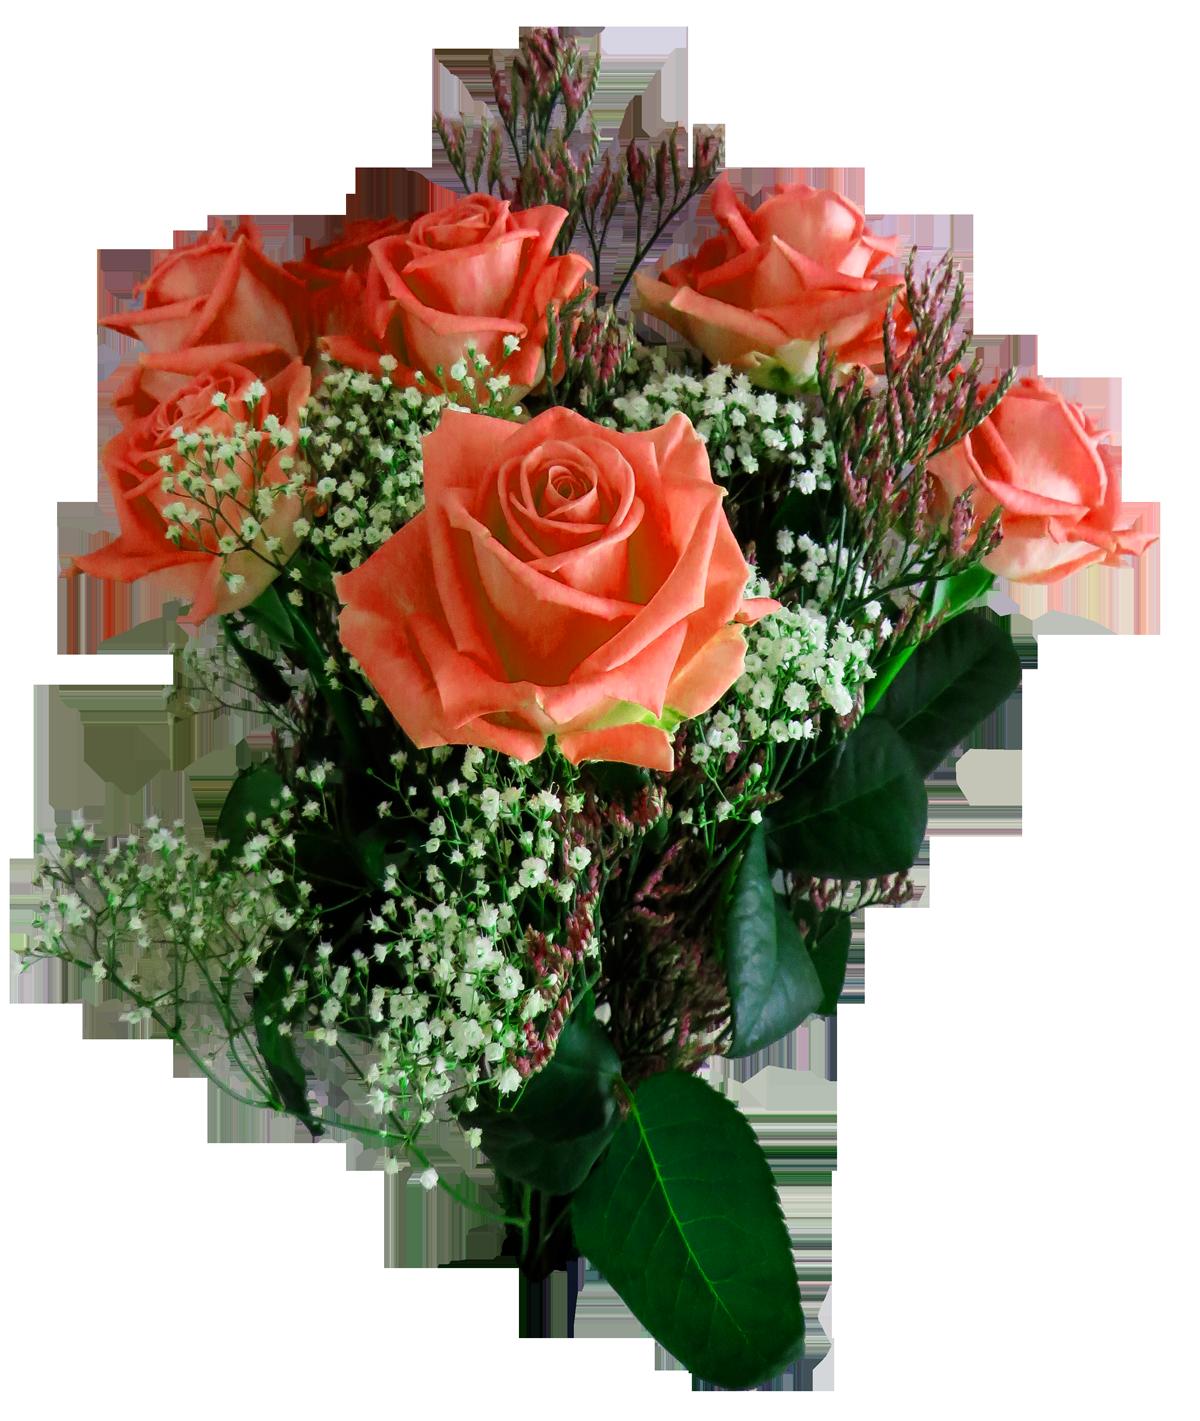 Rose Flower Png Image Flower Bouquet Png Rose Flower Png Flower Png Images